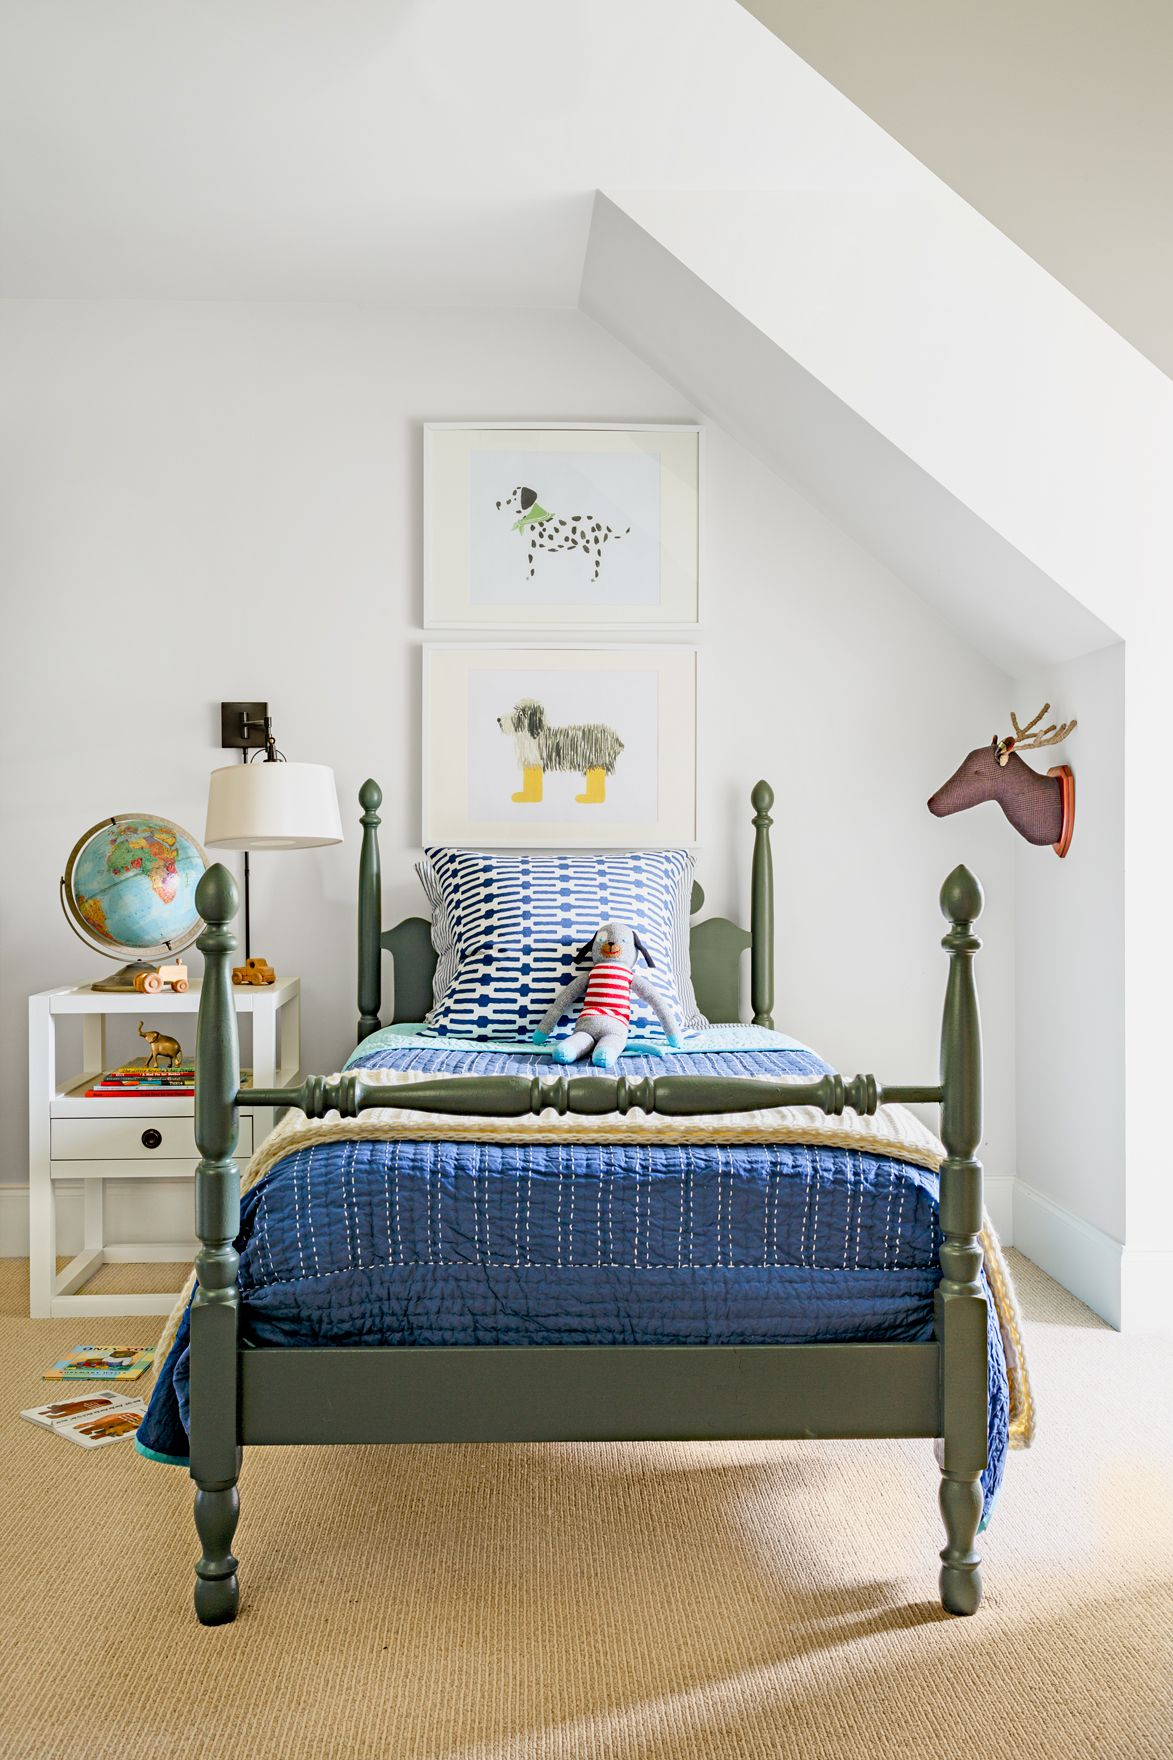 50 kids room decor ideas bedroom